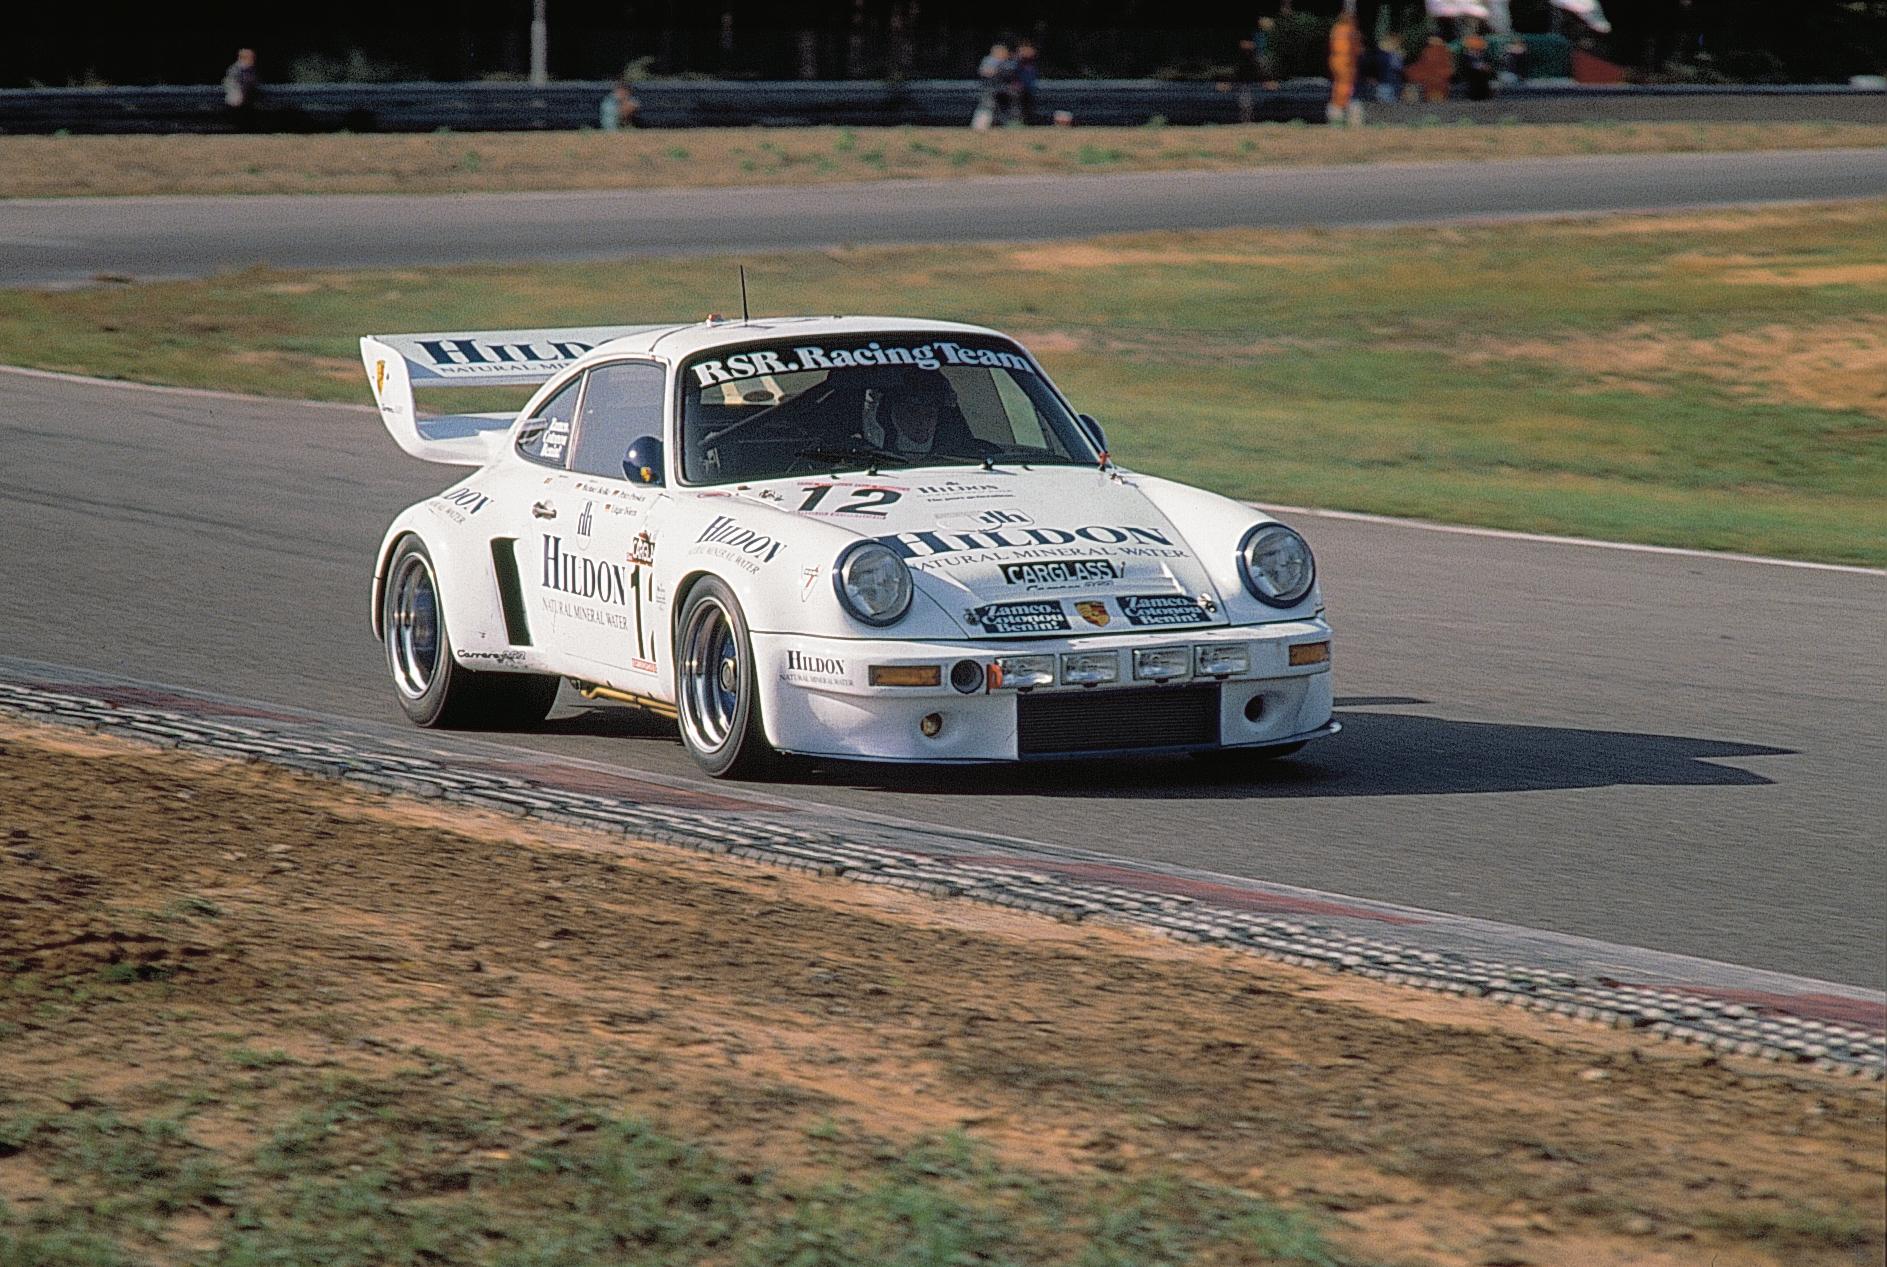 Porsche-Carrerra-RSR-911-460-9043-Zolder-1992